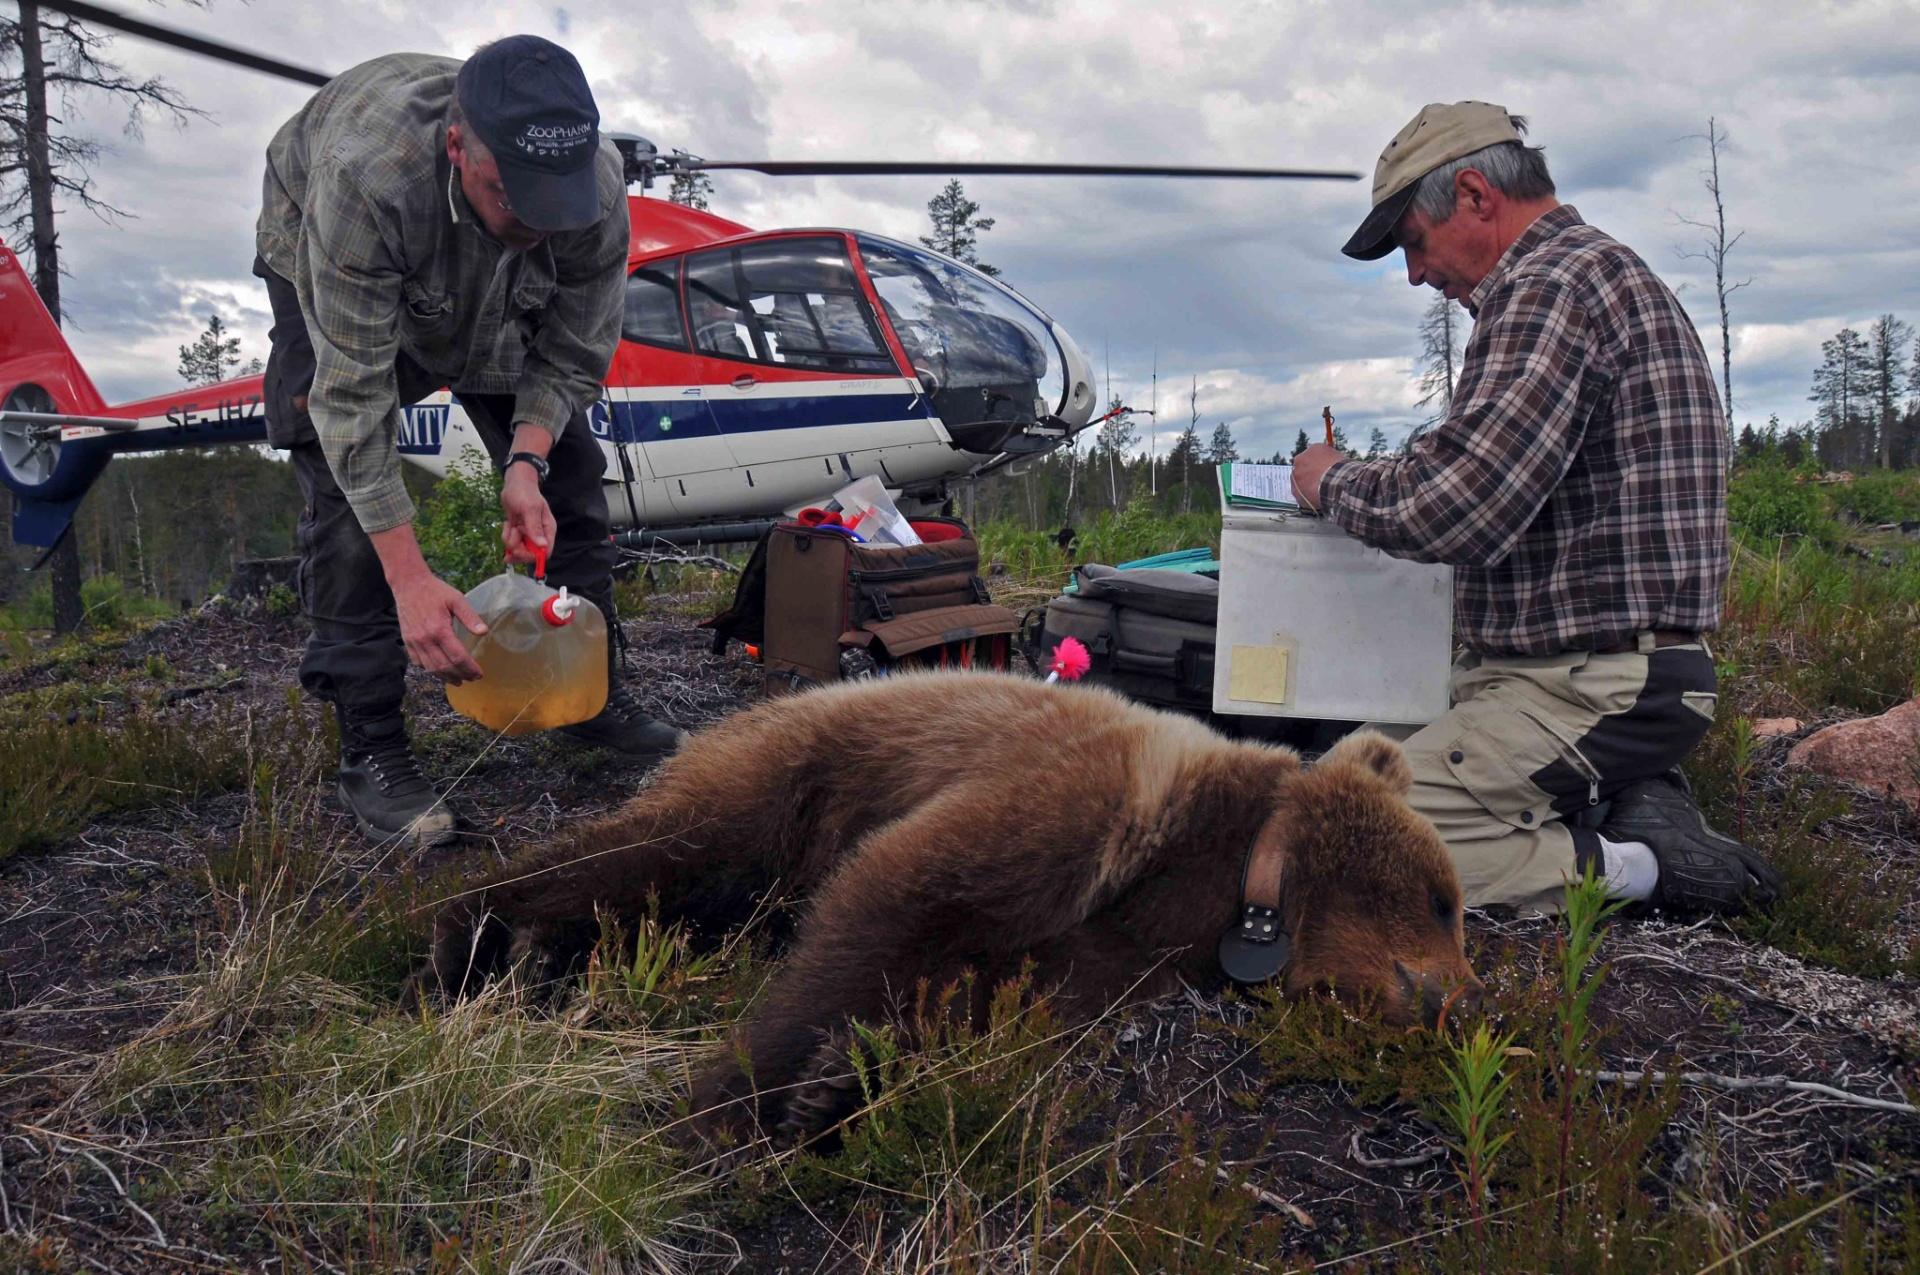 6.jul.2016 ? O veterinário de animais selvagens Jon Arnemo (à esq.) e o pesquisador Sven Brunberg (à dir.), analisam um urso adolescente anestesiado. Estudos sobre a hibernação dos ursos podem ajudar em pesquisas sobre diabetes e obesidade humana